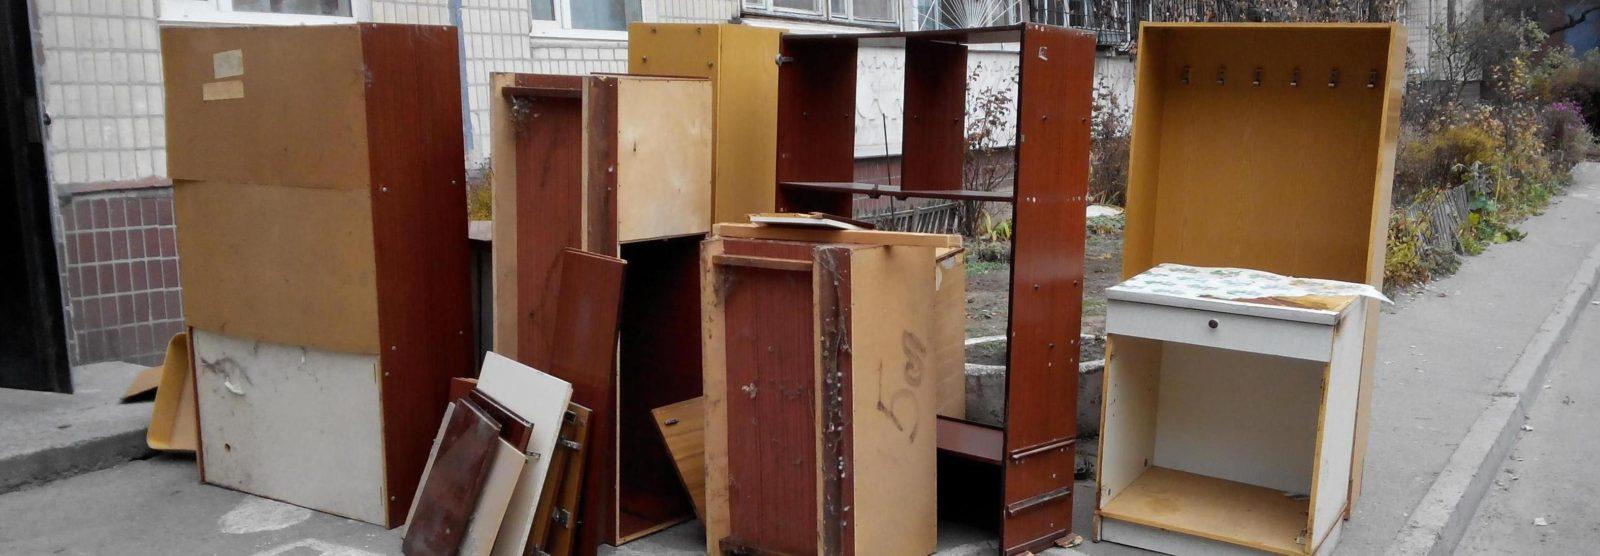 Вывоз мебели в Москве